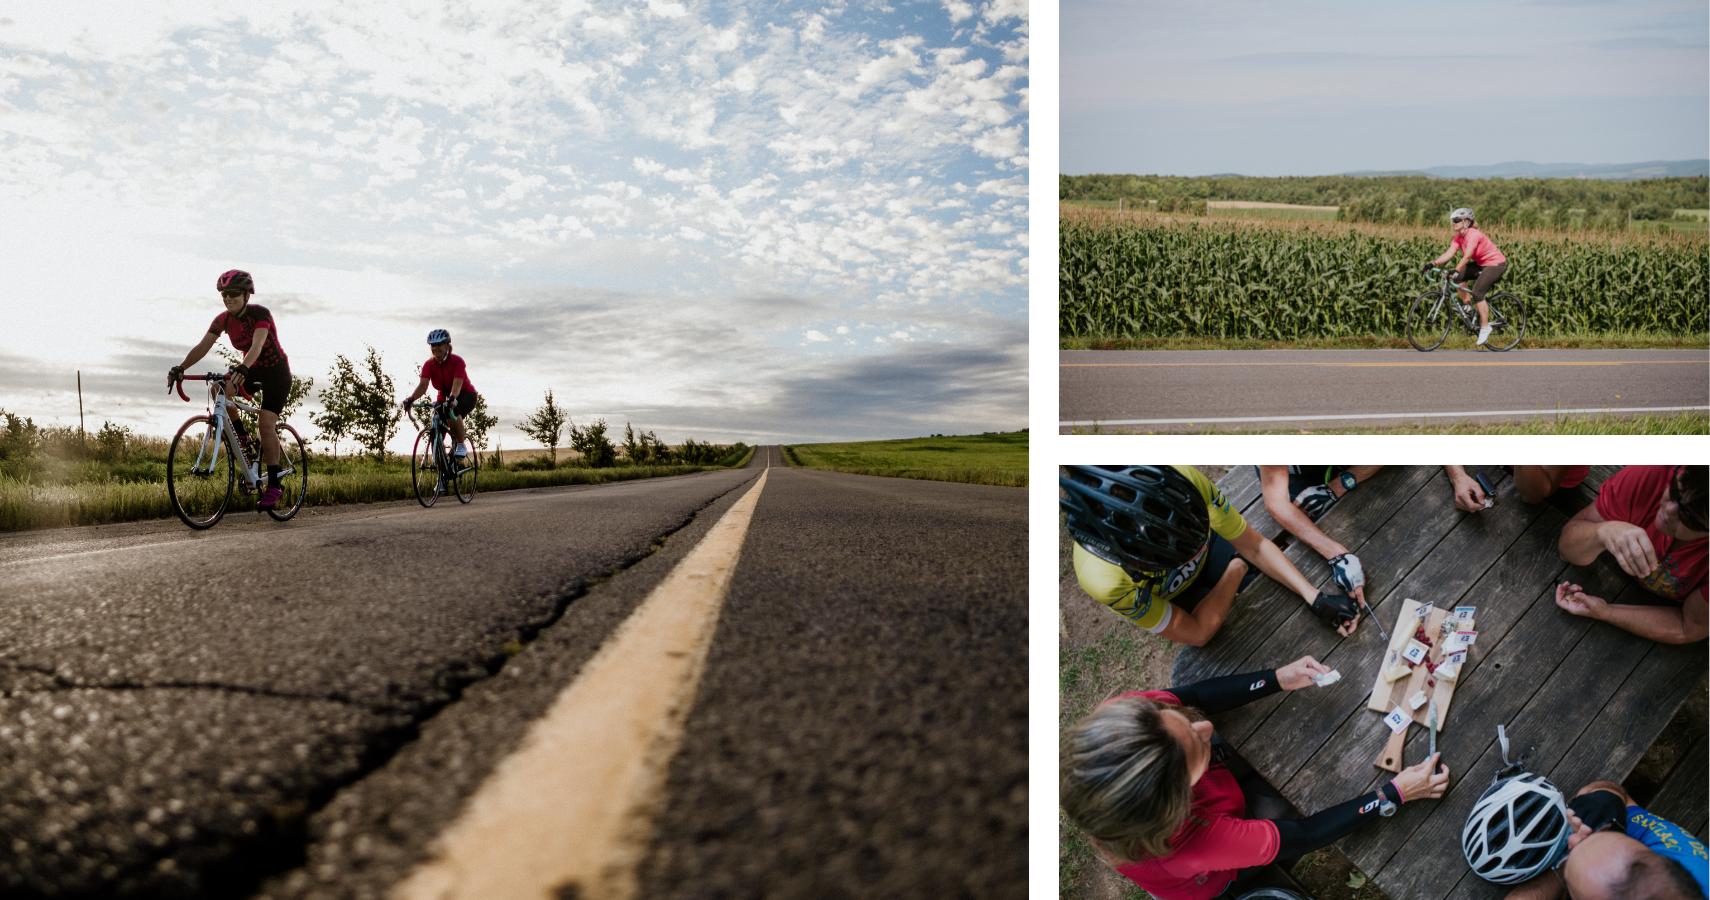 Le circuit de La Plaine, un itinéraire vélo qui vous en mettra plein les yeux et la bouche! - Crédits photos: Les Maximes